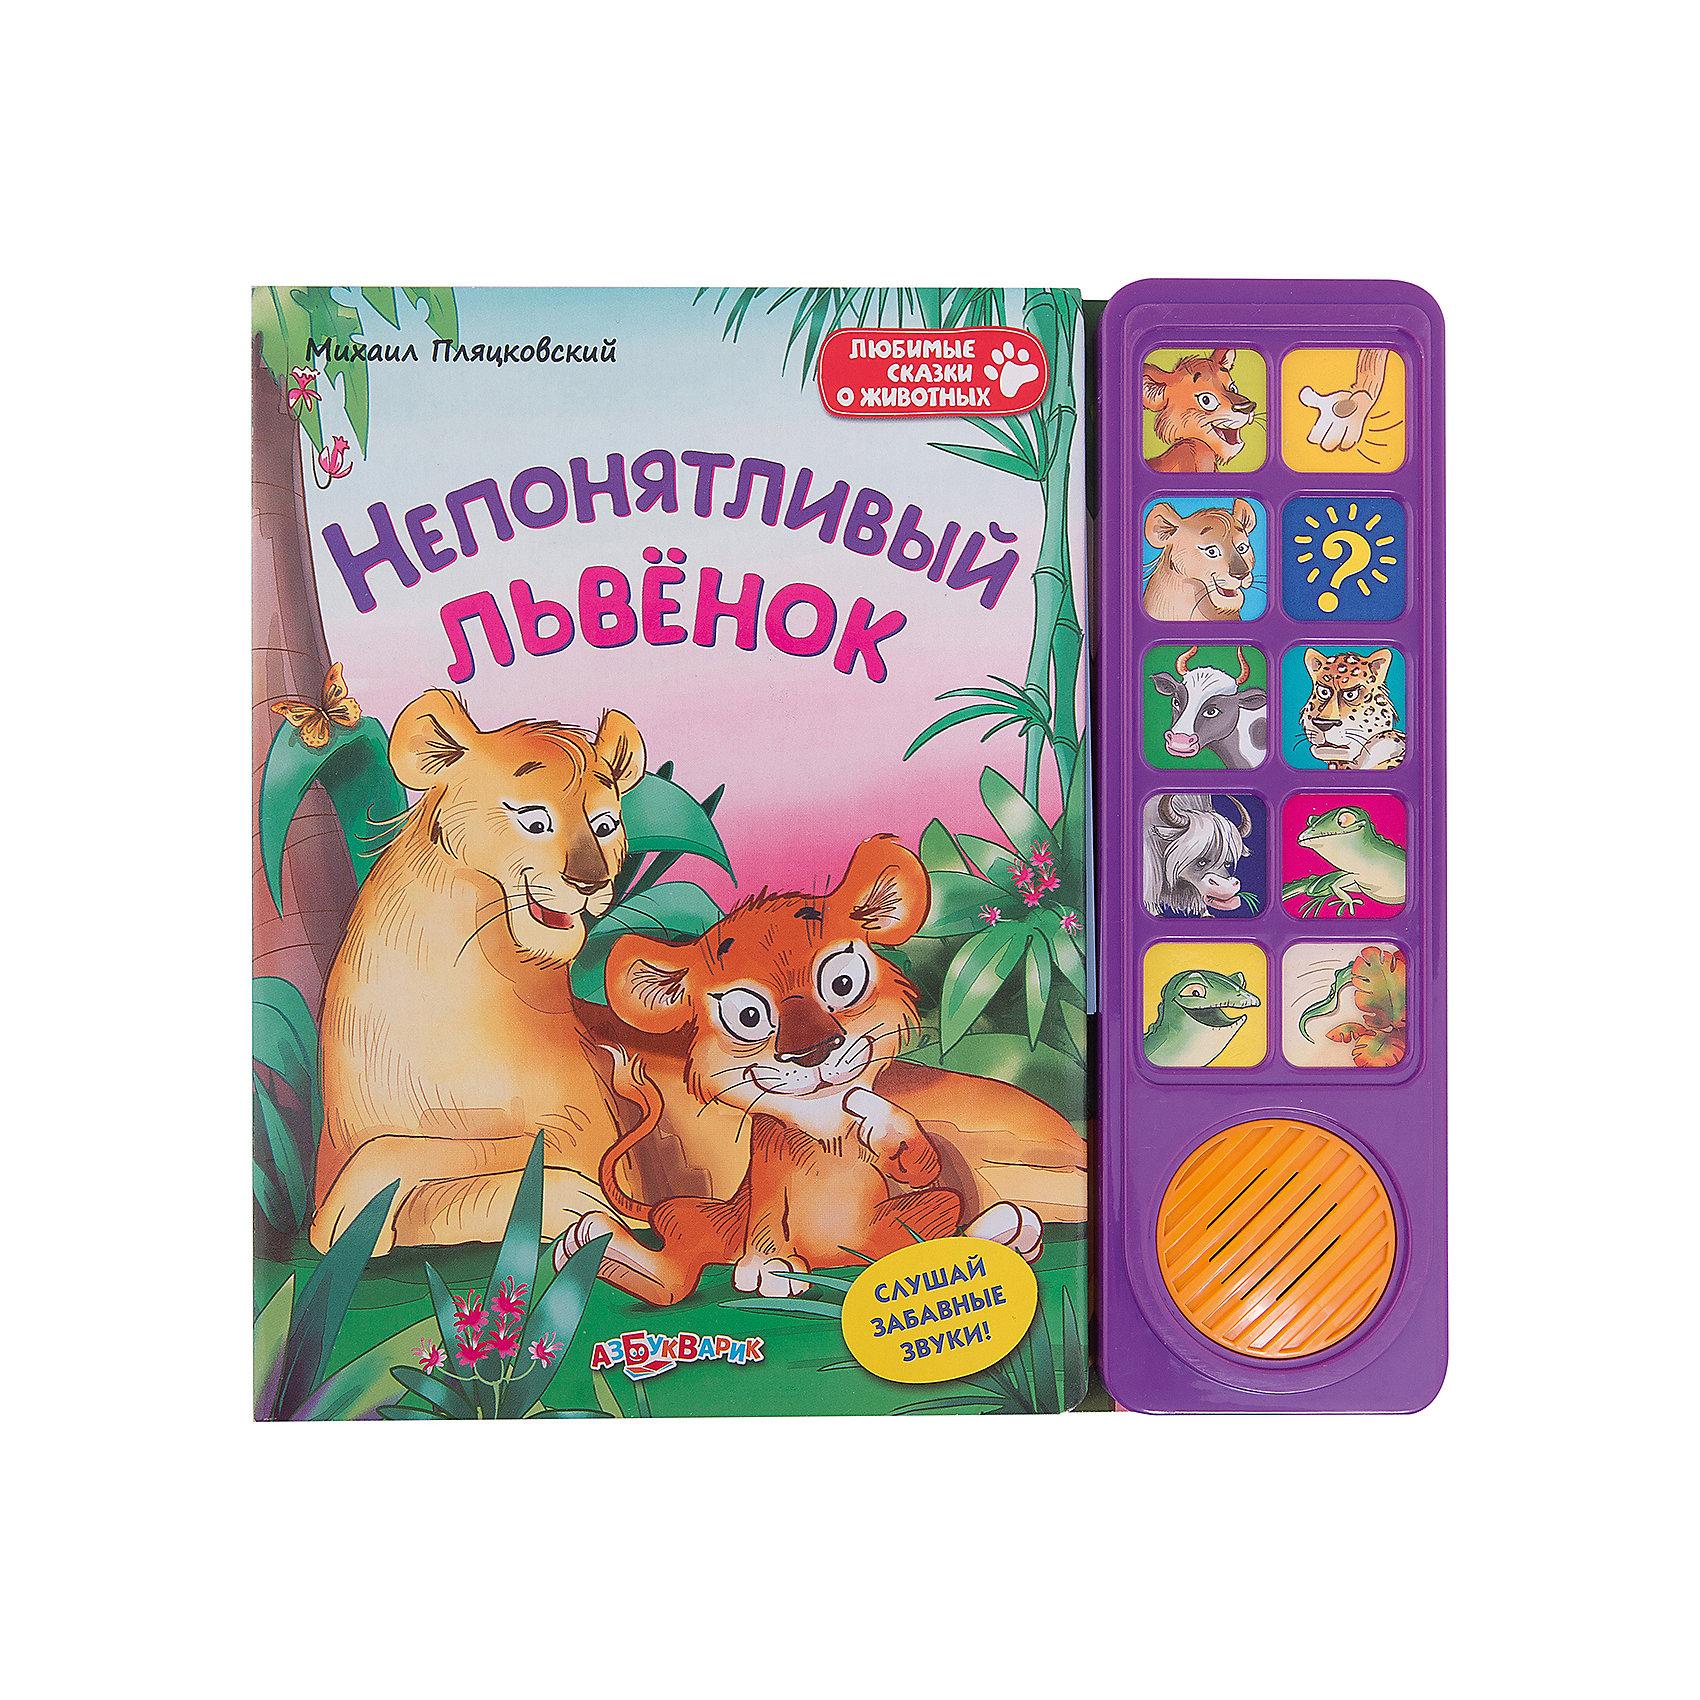 Книга со звуковым модулем Непонятливый львенокМузыкальные книги<br>Эта книжка обязательно понравится всем малышам! Рассматривай яркие картинки, читай увлекательную сказку, нажимай на кнопочки слушай голоса животных и другие забавные звуки.<br>Плотная обложка и картонные страницы идеально подойдут даже для самых юных и активных читателей. <br><br>Дополнительная информация:<br><br>- Формат: 24х23 см.<br>- Количество страниц: 10.<br>- Переплет: твердый.<br>- Иллюстрации: цветные.<br>- Плотные картонные страницы. <br>- Звуковой модуль. <br>- Элемент питания: батарейки (в комплекте). <br><br>Книгу со звуковым модулем Непонятливый львенок можно купить в нашем магазине.<br><br>Ширина мм: 24<br>Глубина мм: 23<br>Высота мм: 24<br>Вес г: 450<br>Возраст от месяцев: 24<br>Возраст до месяцев: 48<br>Пол: Унисекс<br>Возраст: Детский<br>SKU: 4951788